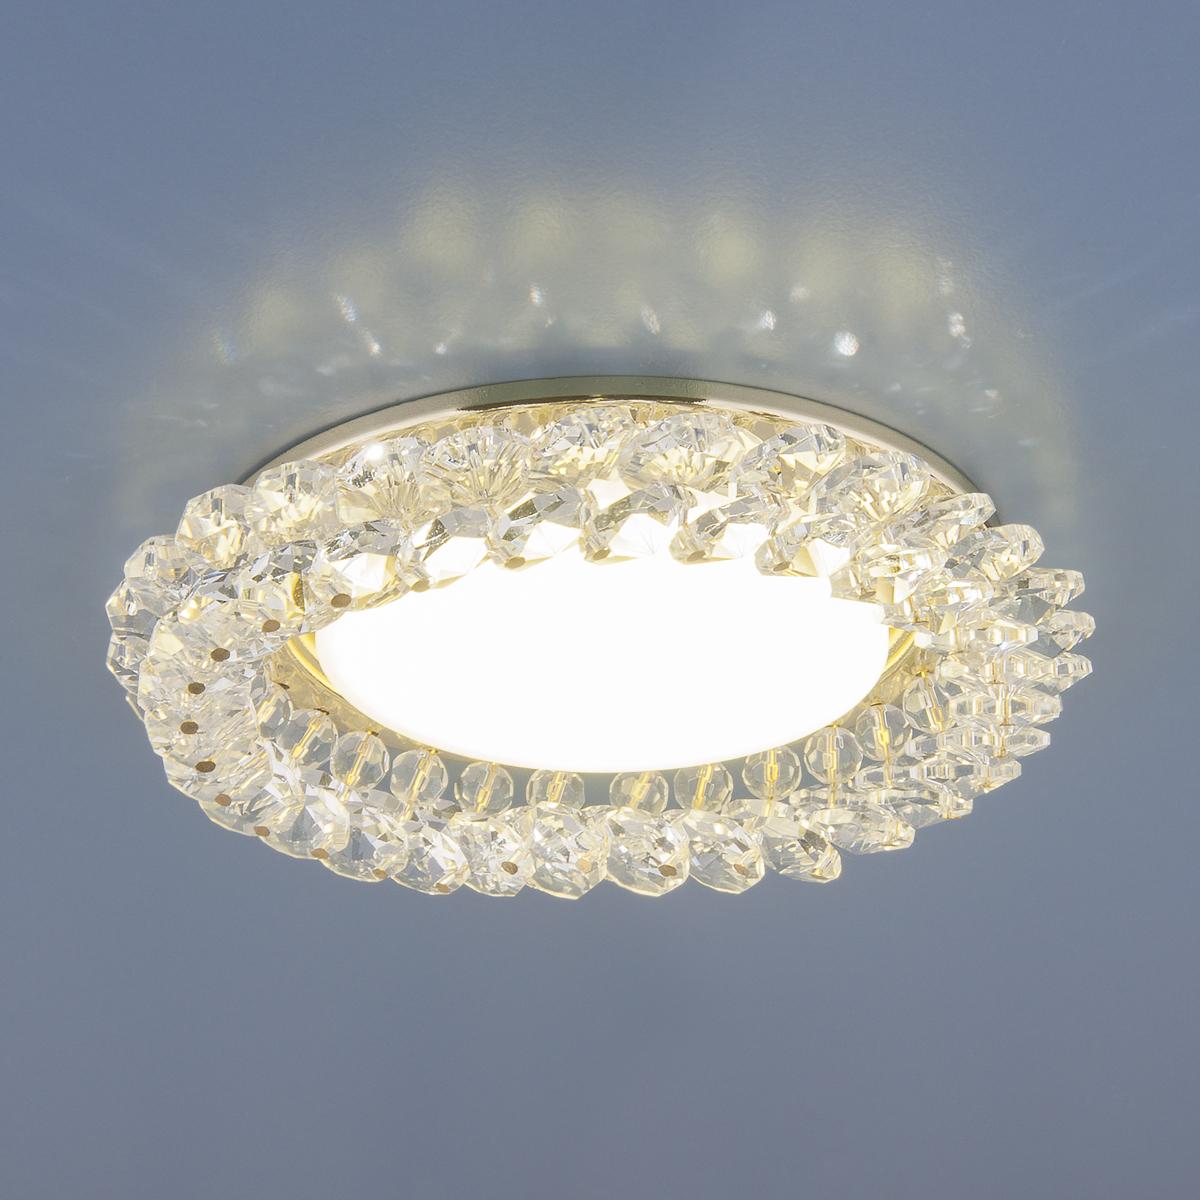 Встраиваемый светильник Elektrostandard Точечный с хрусталем 1063 GX53 GD / CL /, GX53 fede fd1005cop квадратный точечный светильникиз латуни золото с белой патиной